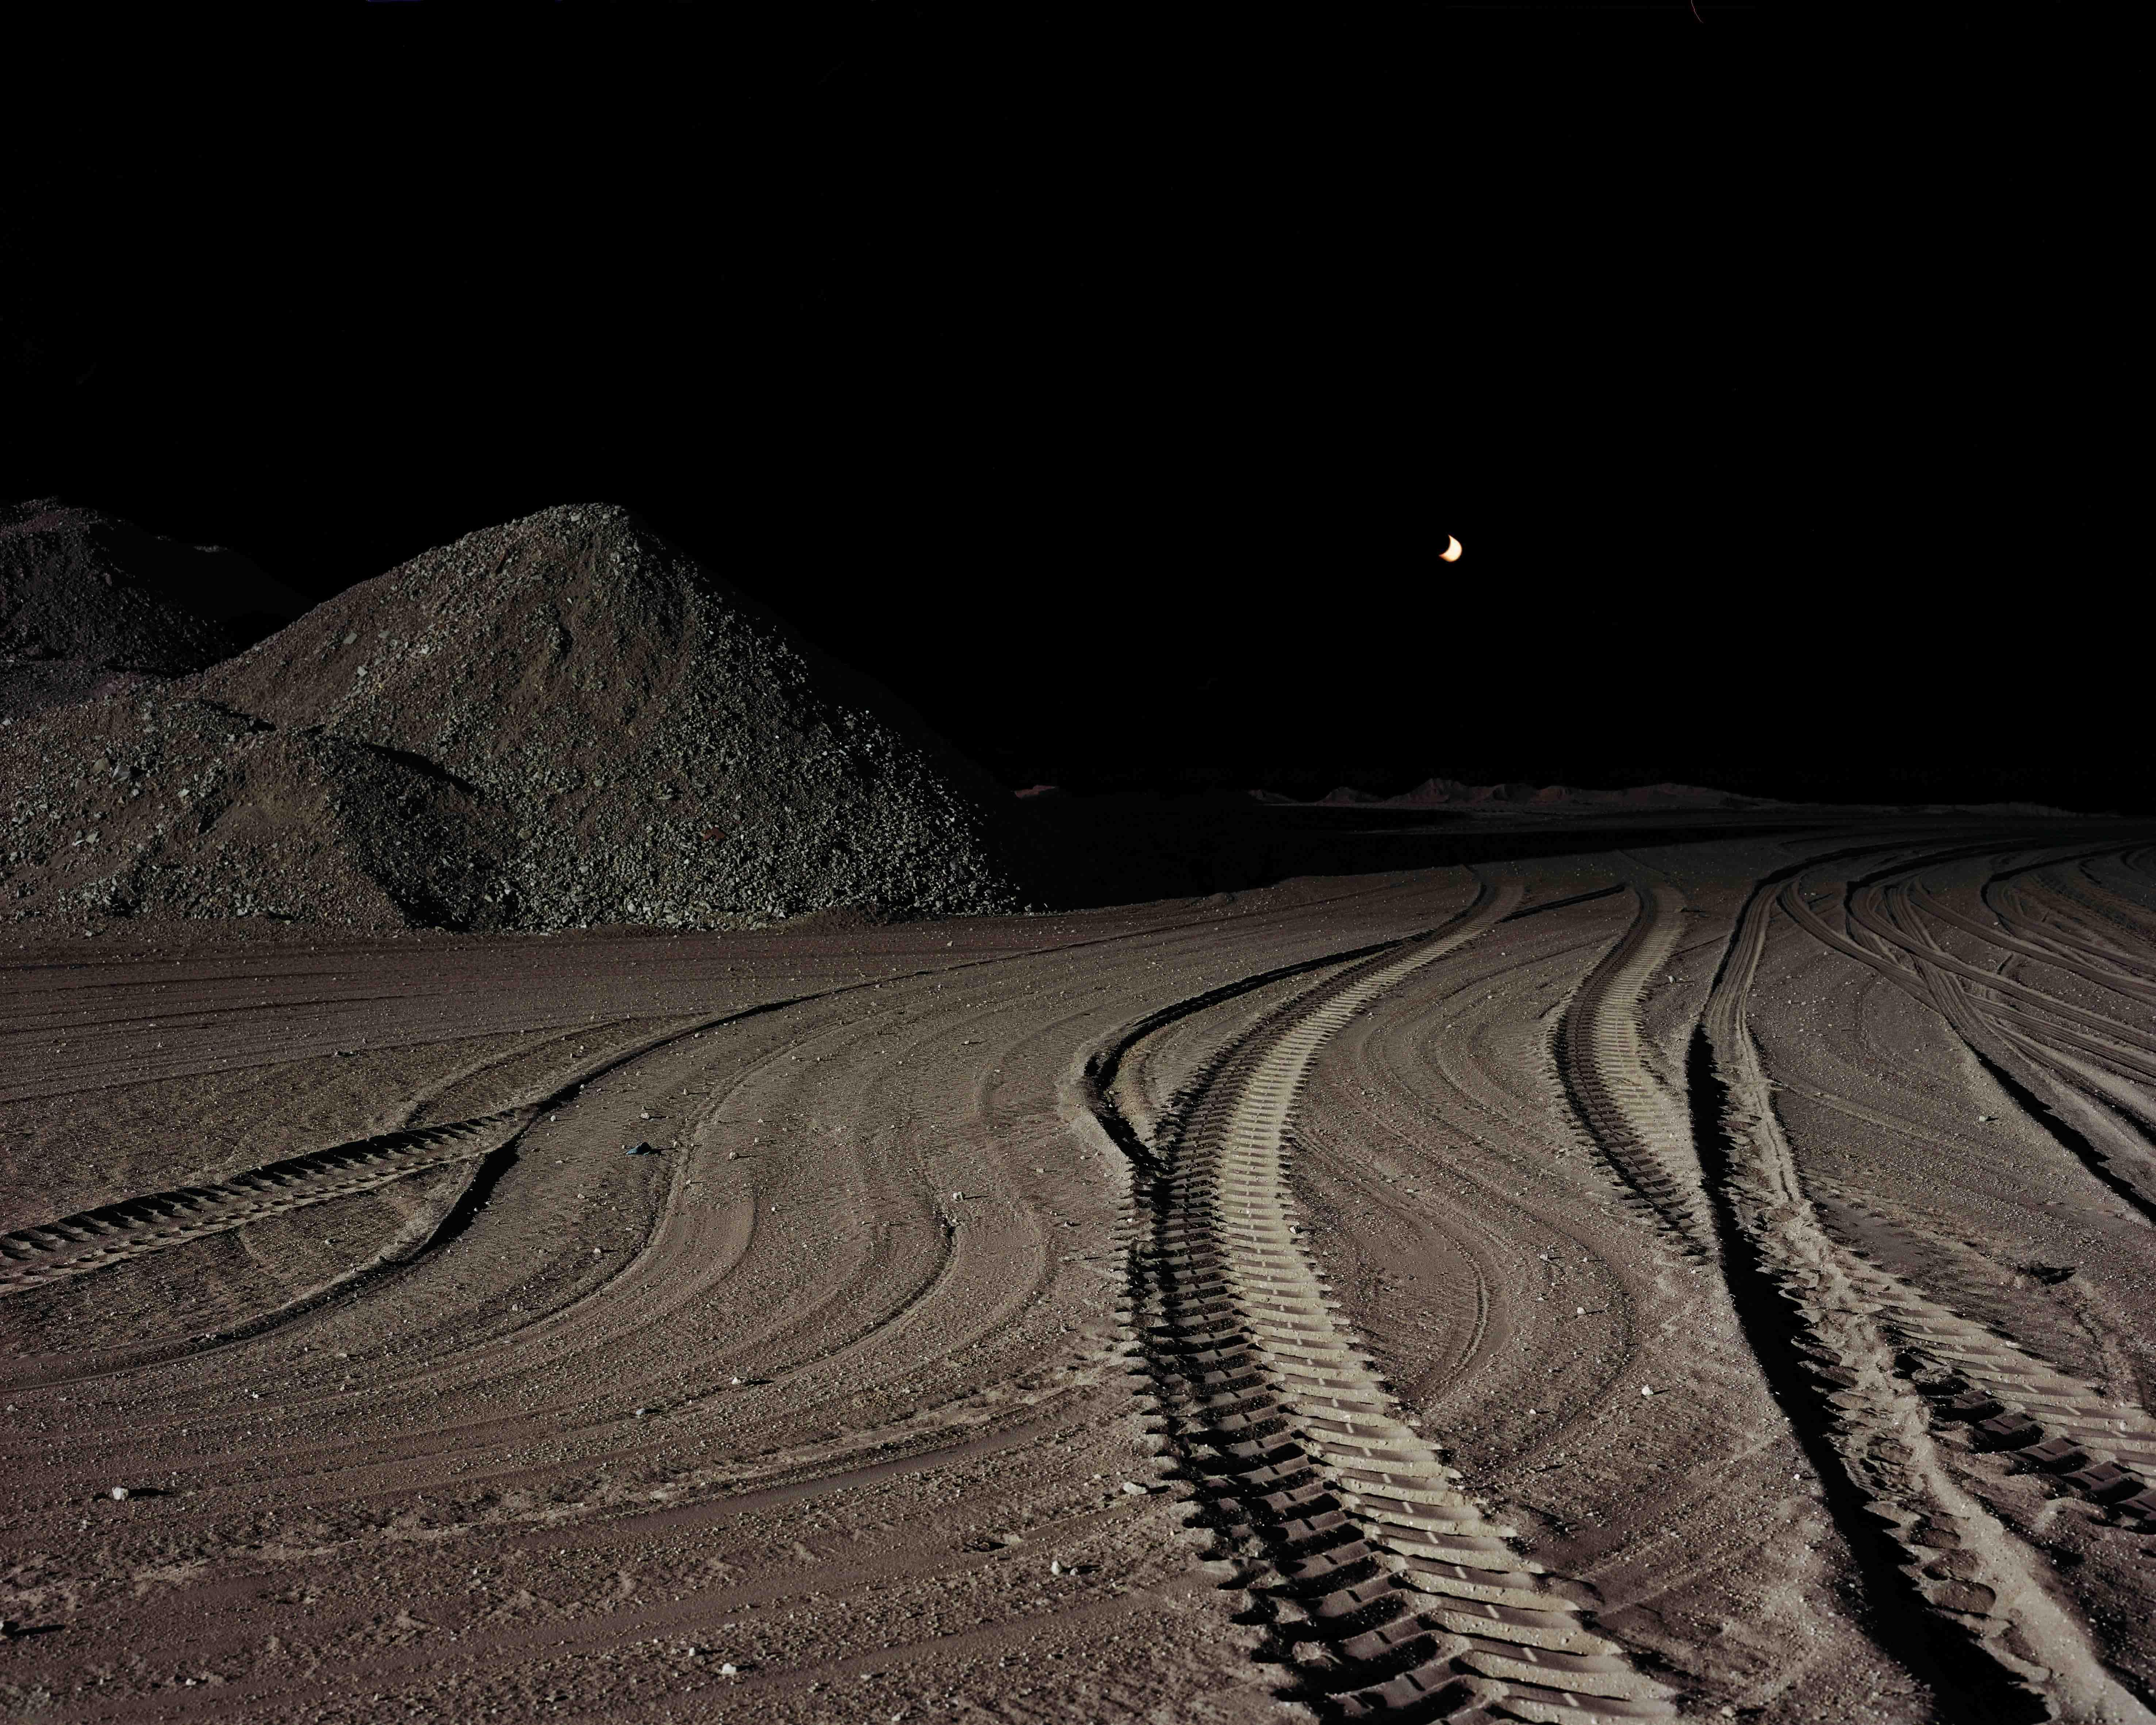 01 Jongerius Lunar Landscapes 2011 2013 PK F 2019 0037